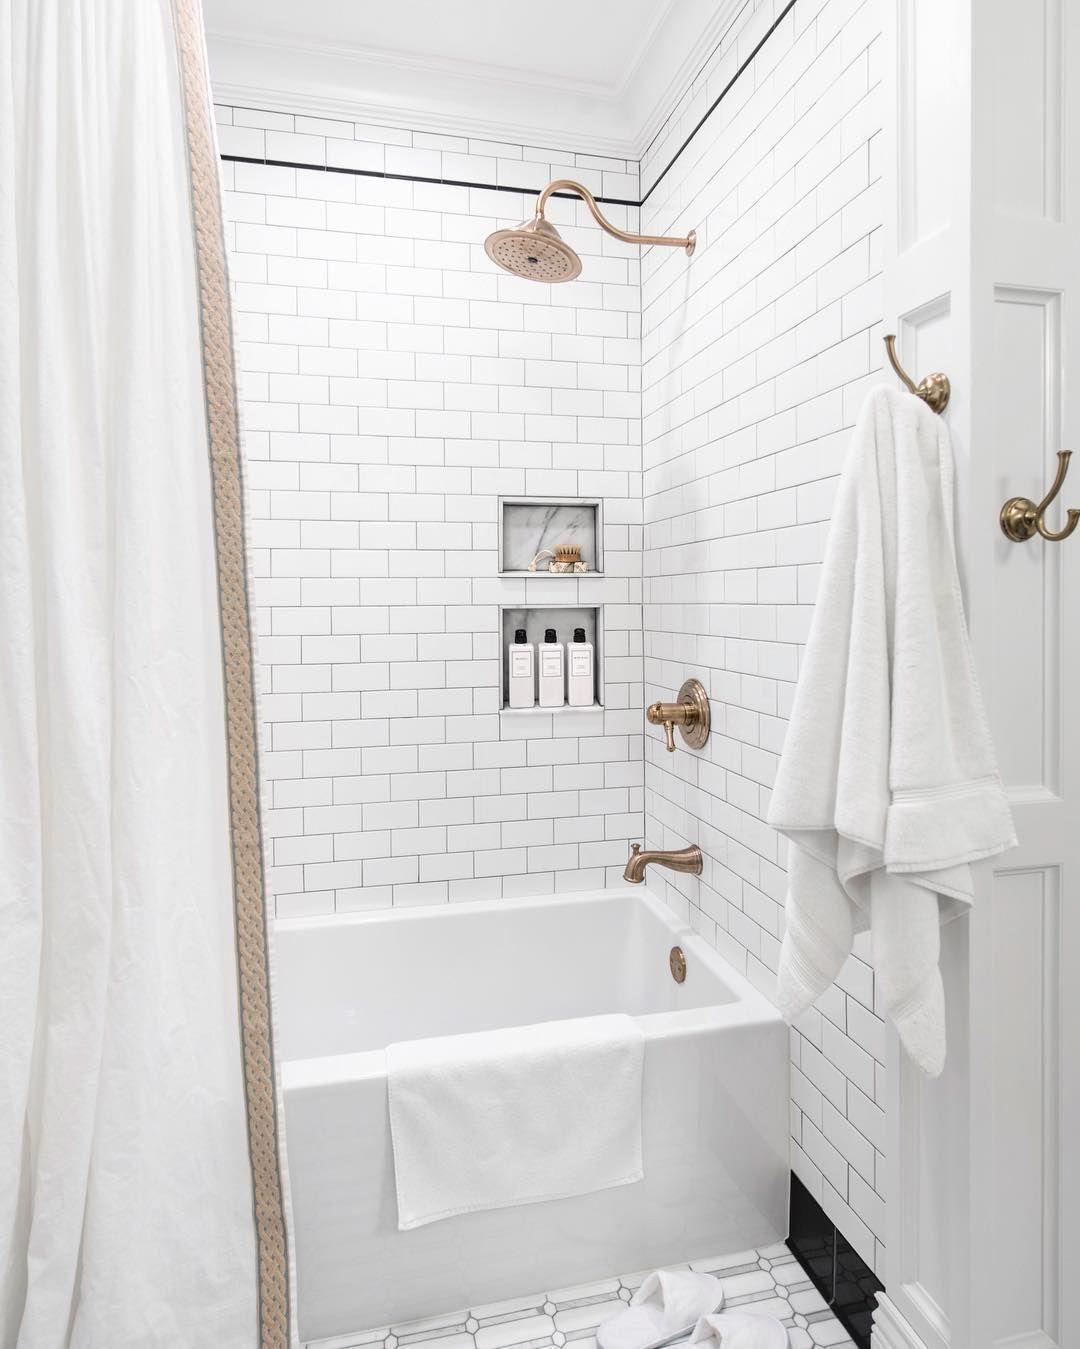 Classic Towels Guest Bathroom Renovation Bathroom Interior